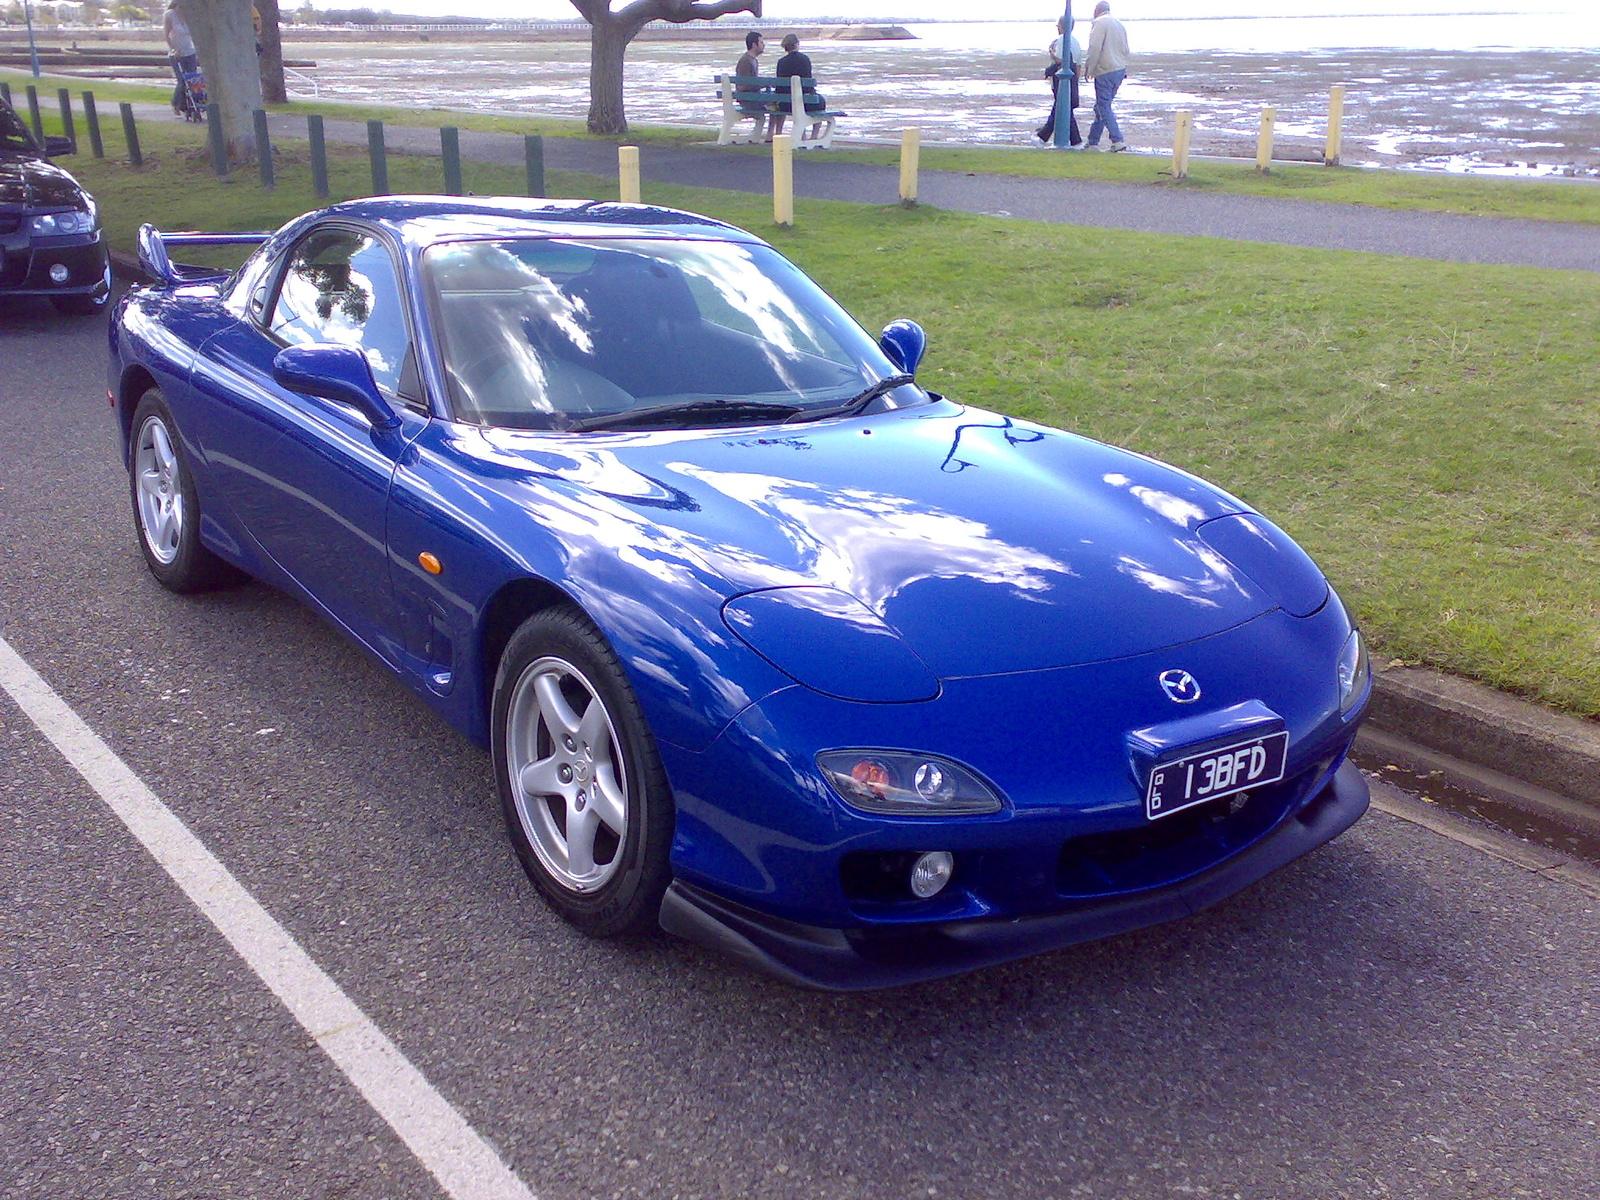 1999 Mazda RX-7 - Pictures - CarGurus